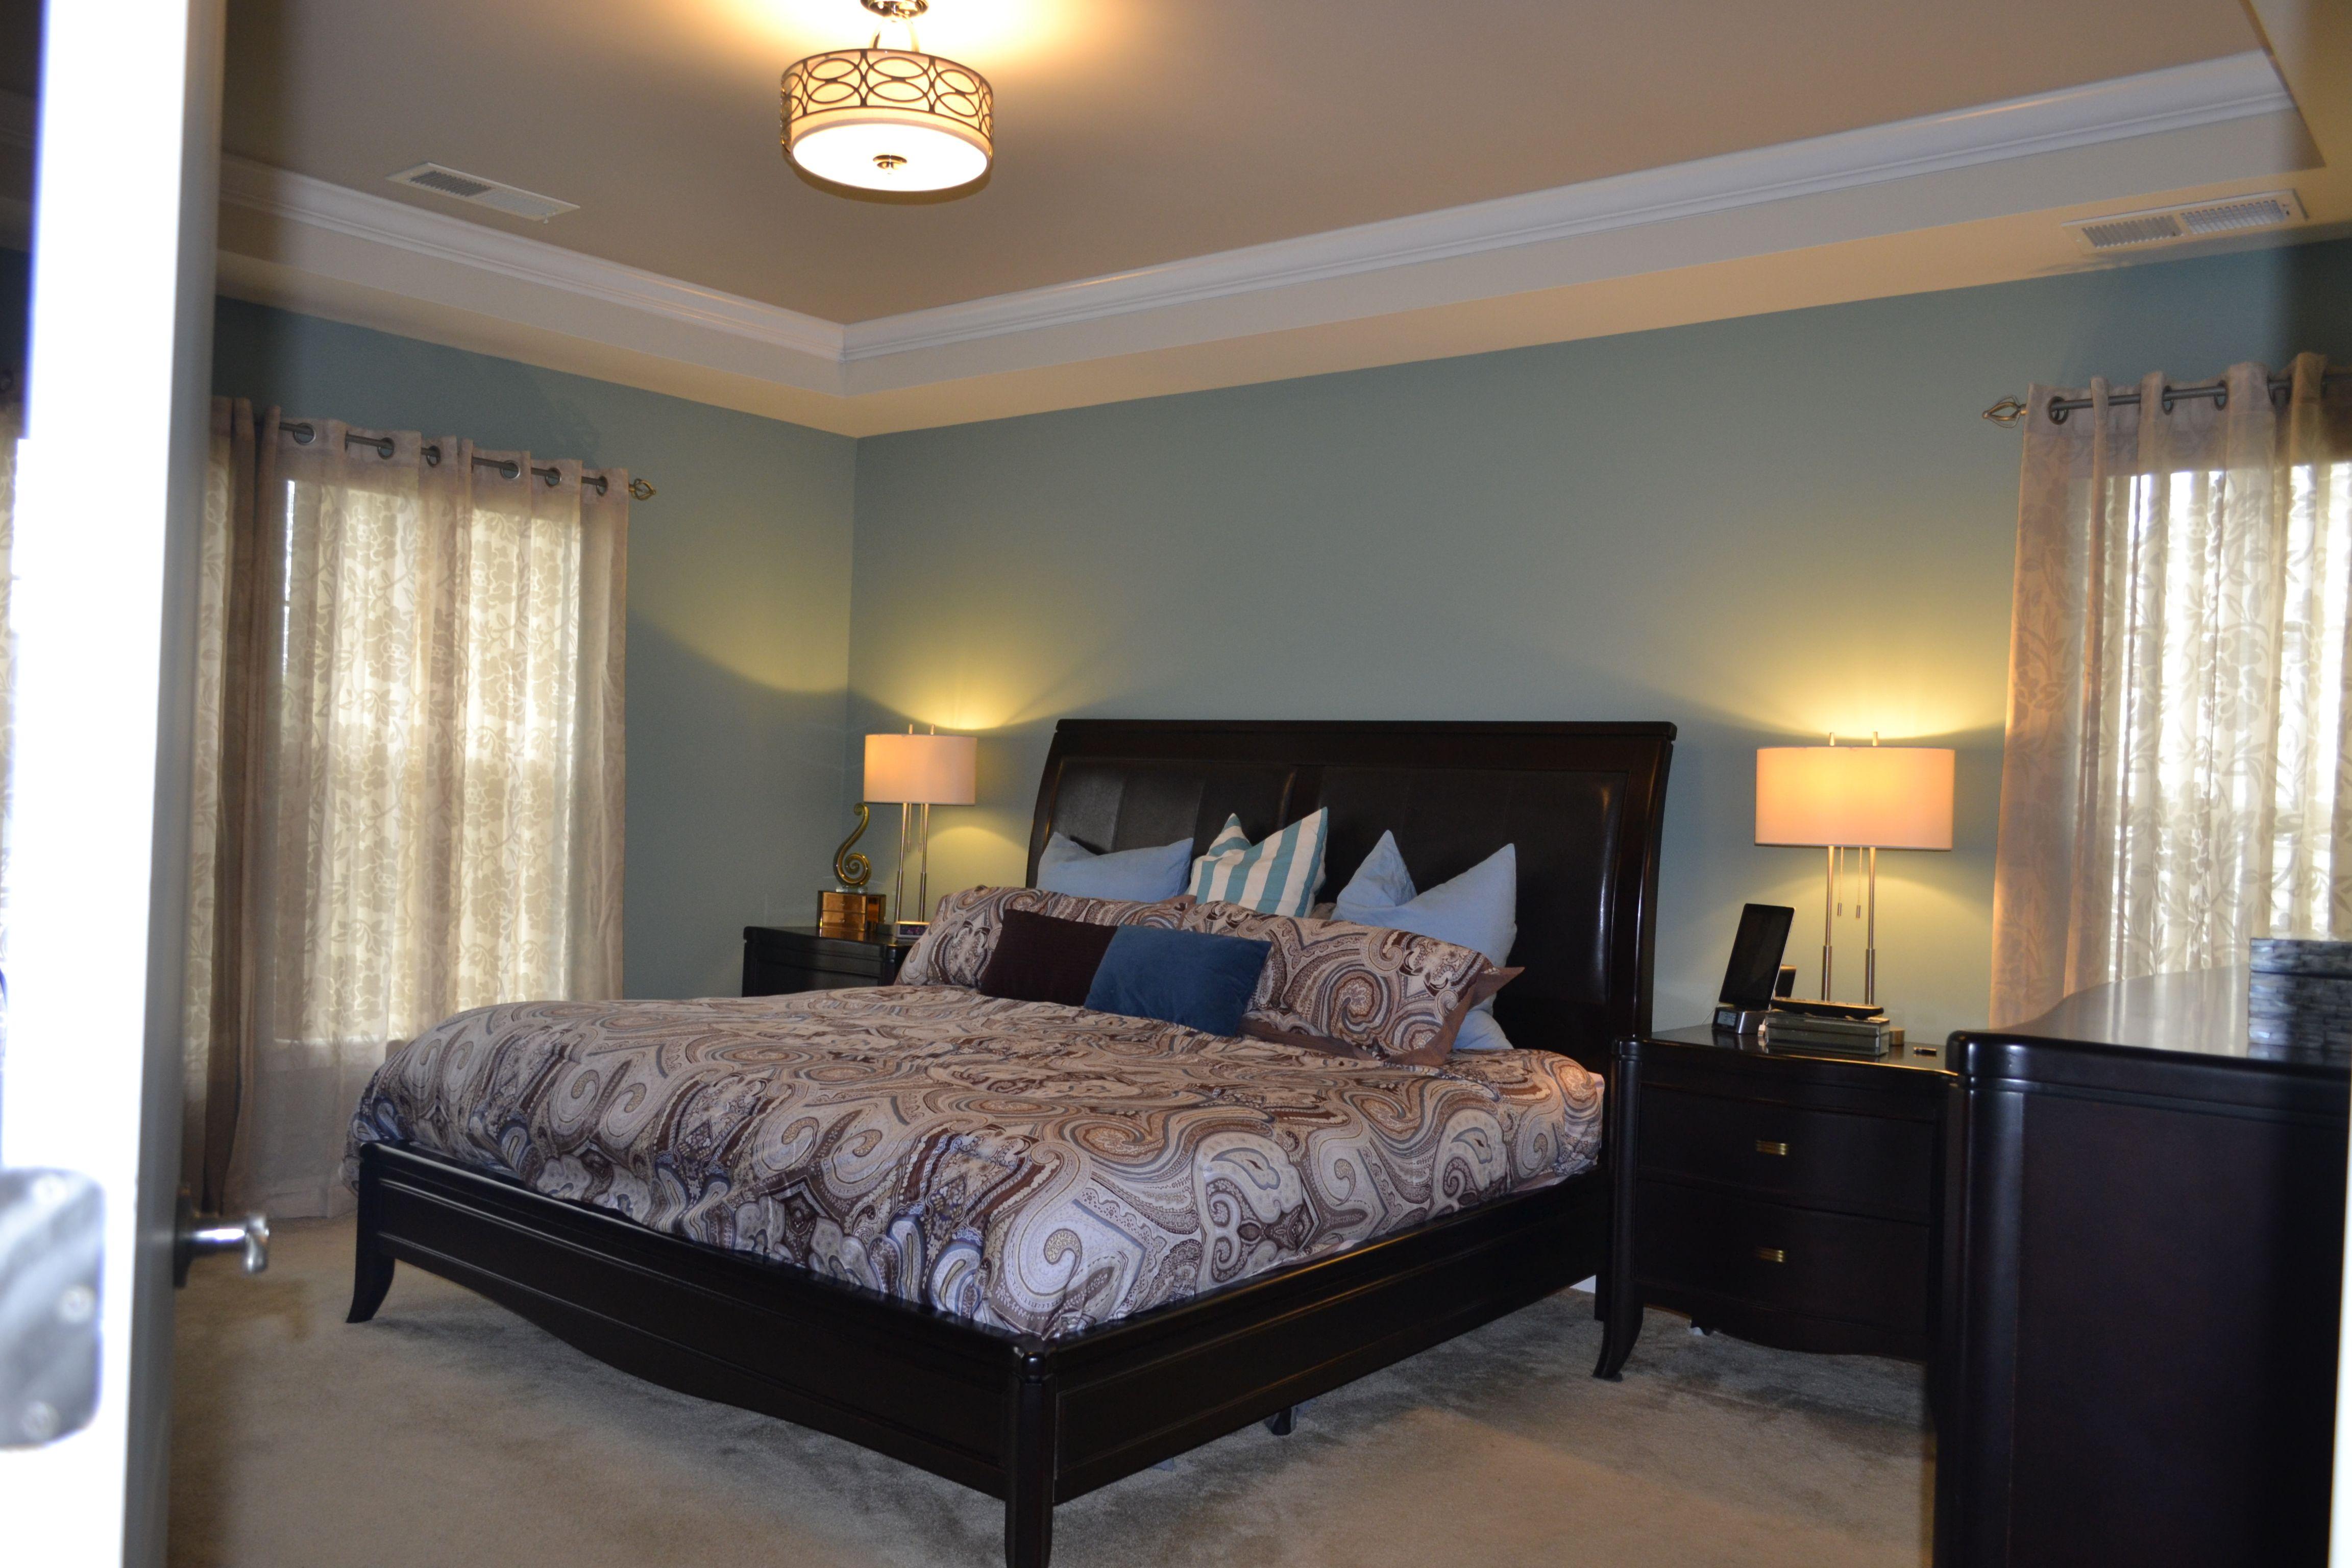 Led Leuchten Schlafzimmer Beleuchtung Antike Leuchten Cool Leuchten Fur Schlafzimmer Bett Kronleuchter Schlafzimmer Schlafzimmer Lampe Und Schlafzimmer Design